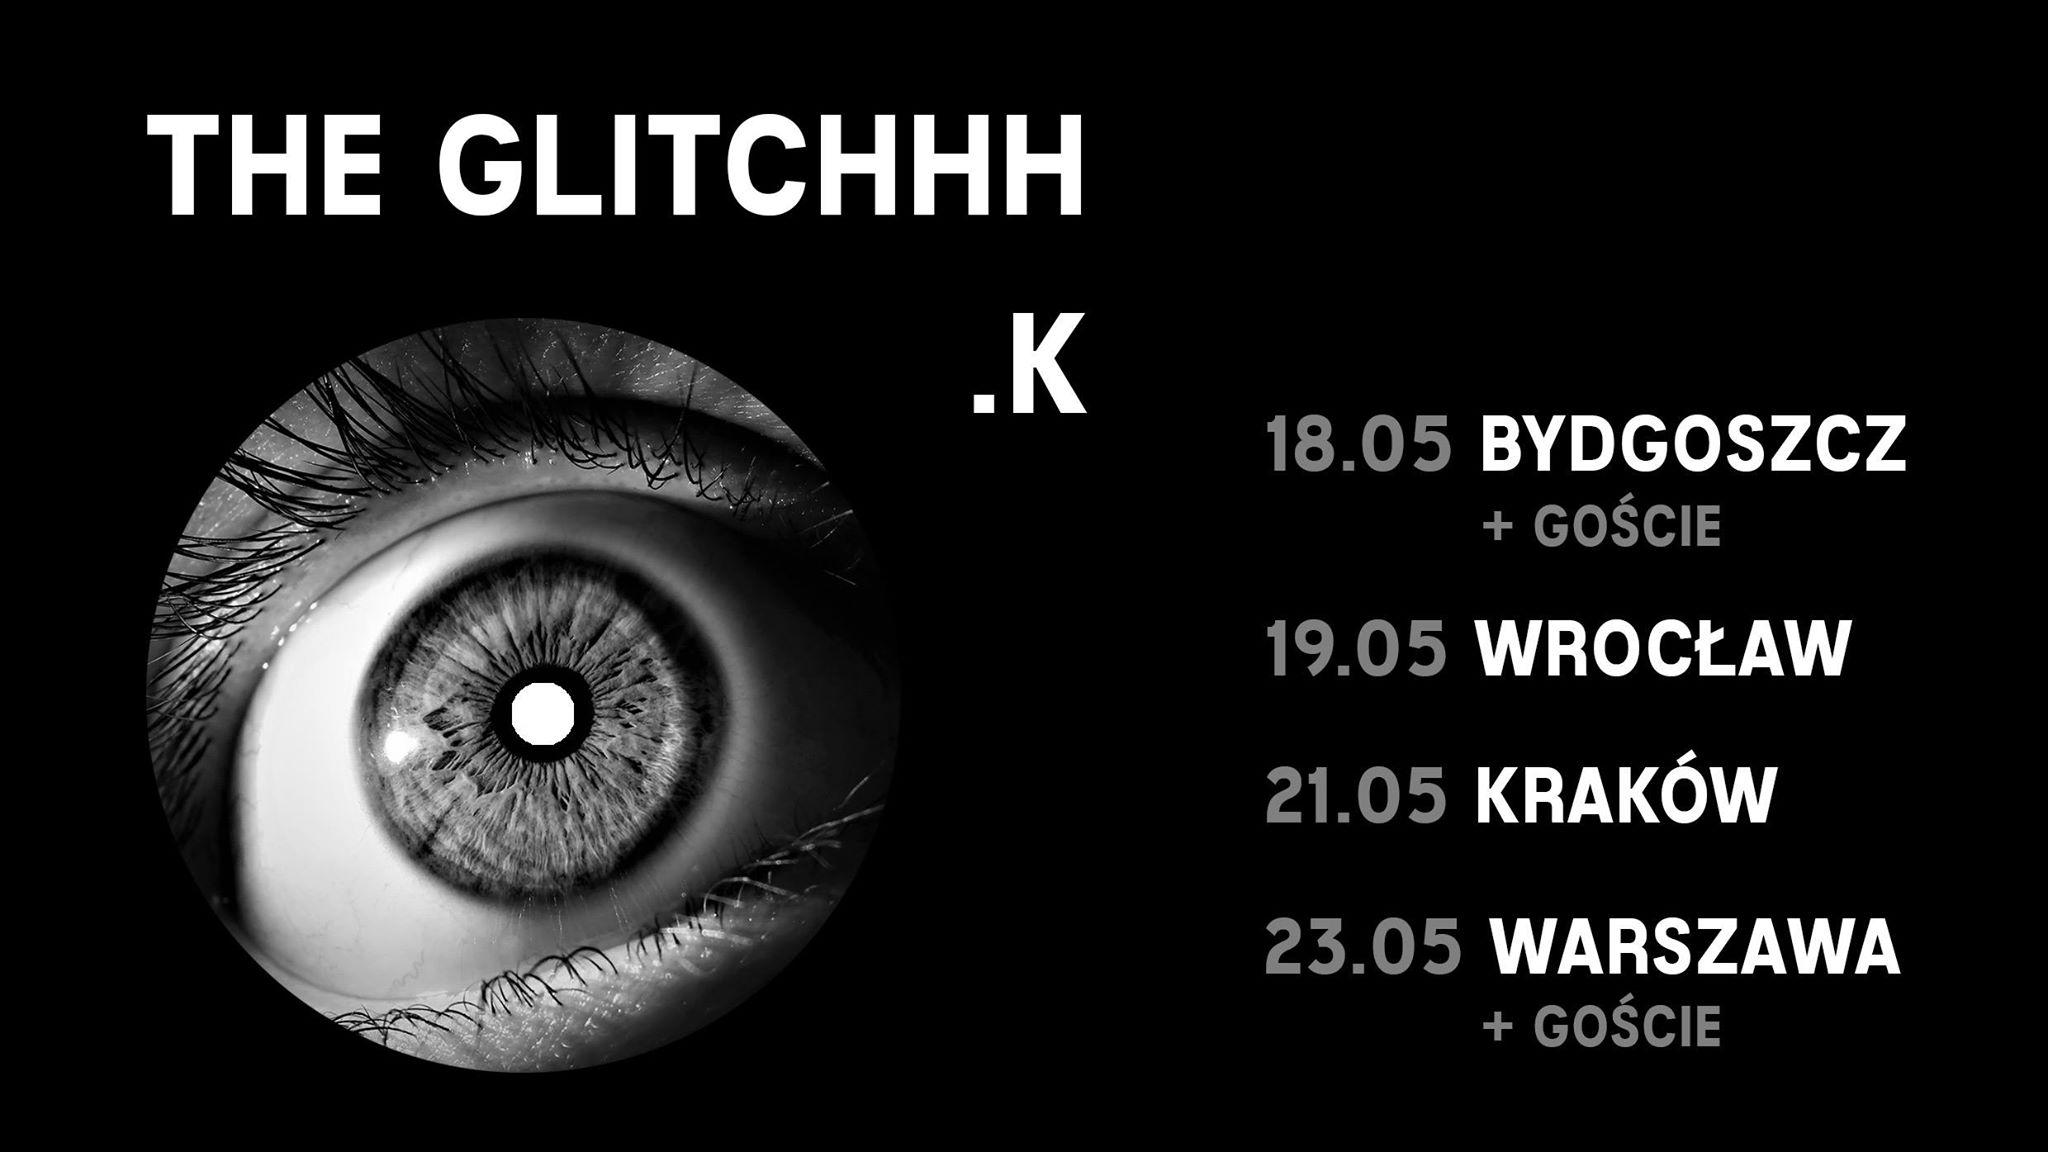 The Glitchhh, tochka K (źródło: materiały prasowe)